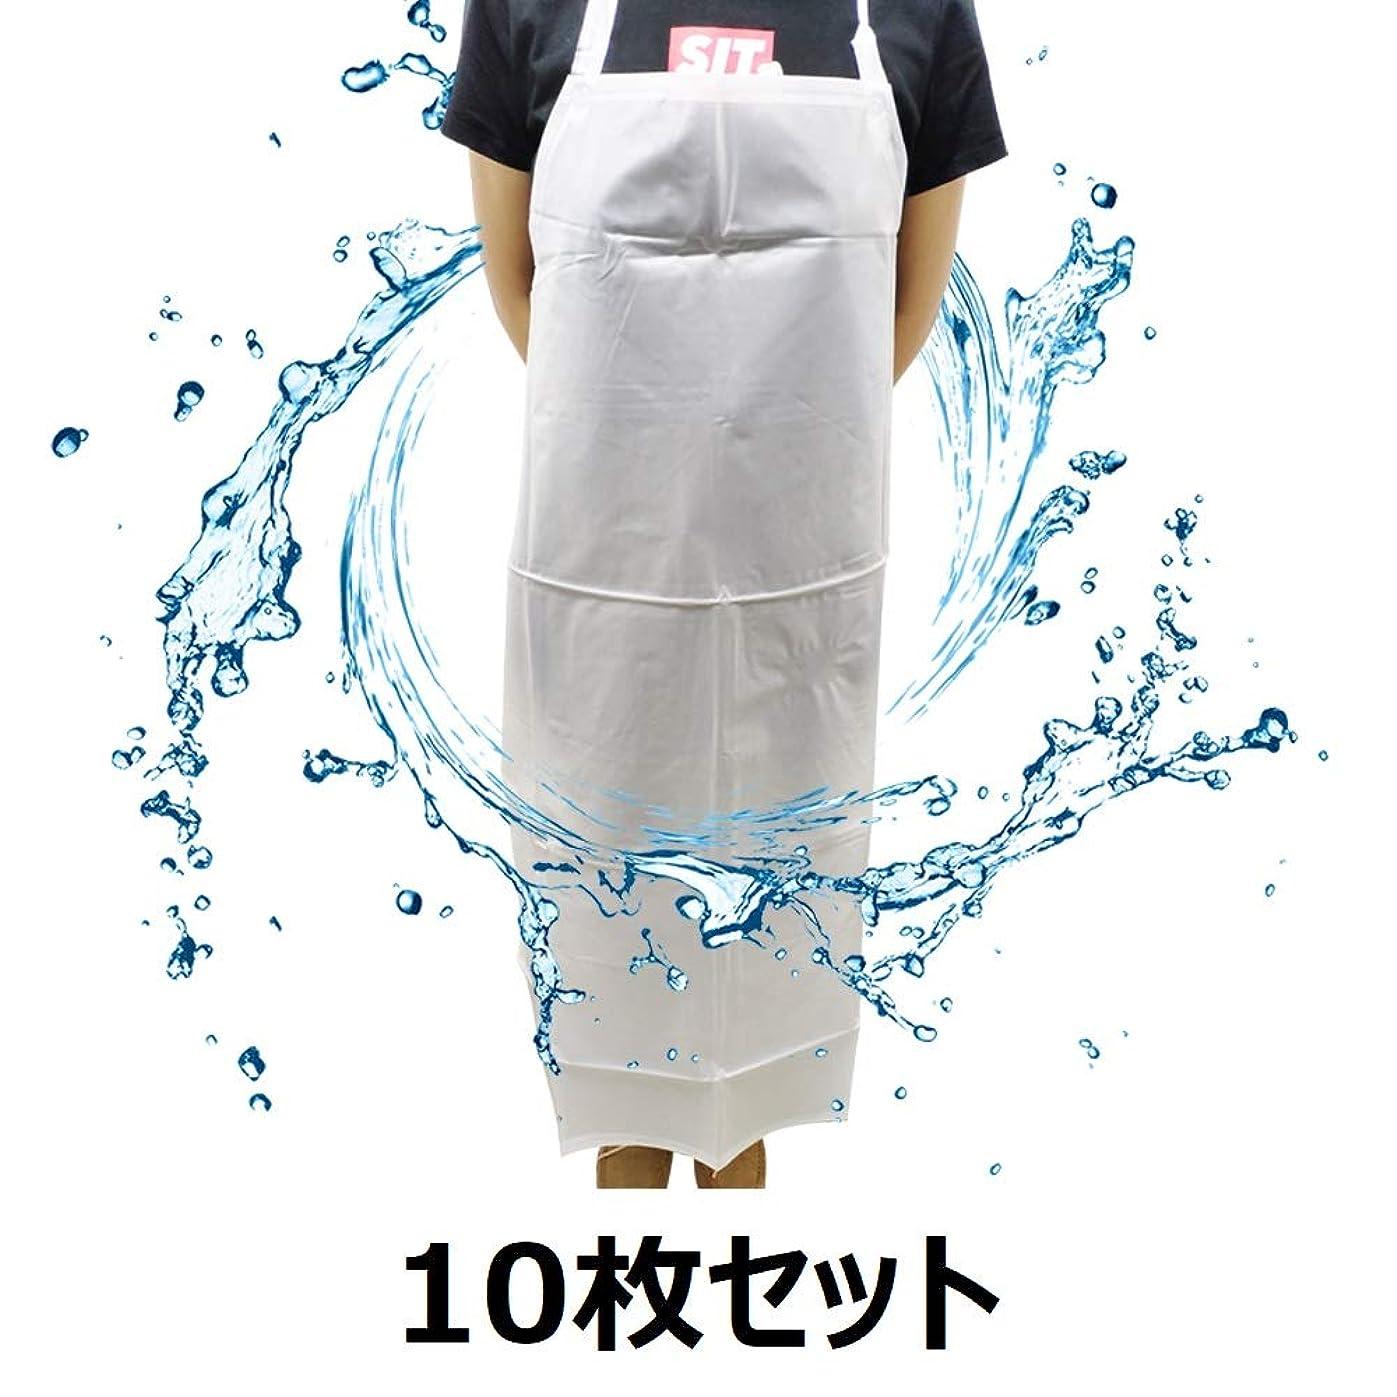 備品球状新しさセーフラン(SAFERUN) PVC防水エプロン ホワイト(半透明)10枚セット 軽作業向き 身幅(平置き)約67cm 長さ約112cm 厚さ0.18mm ※完全防水ではございません